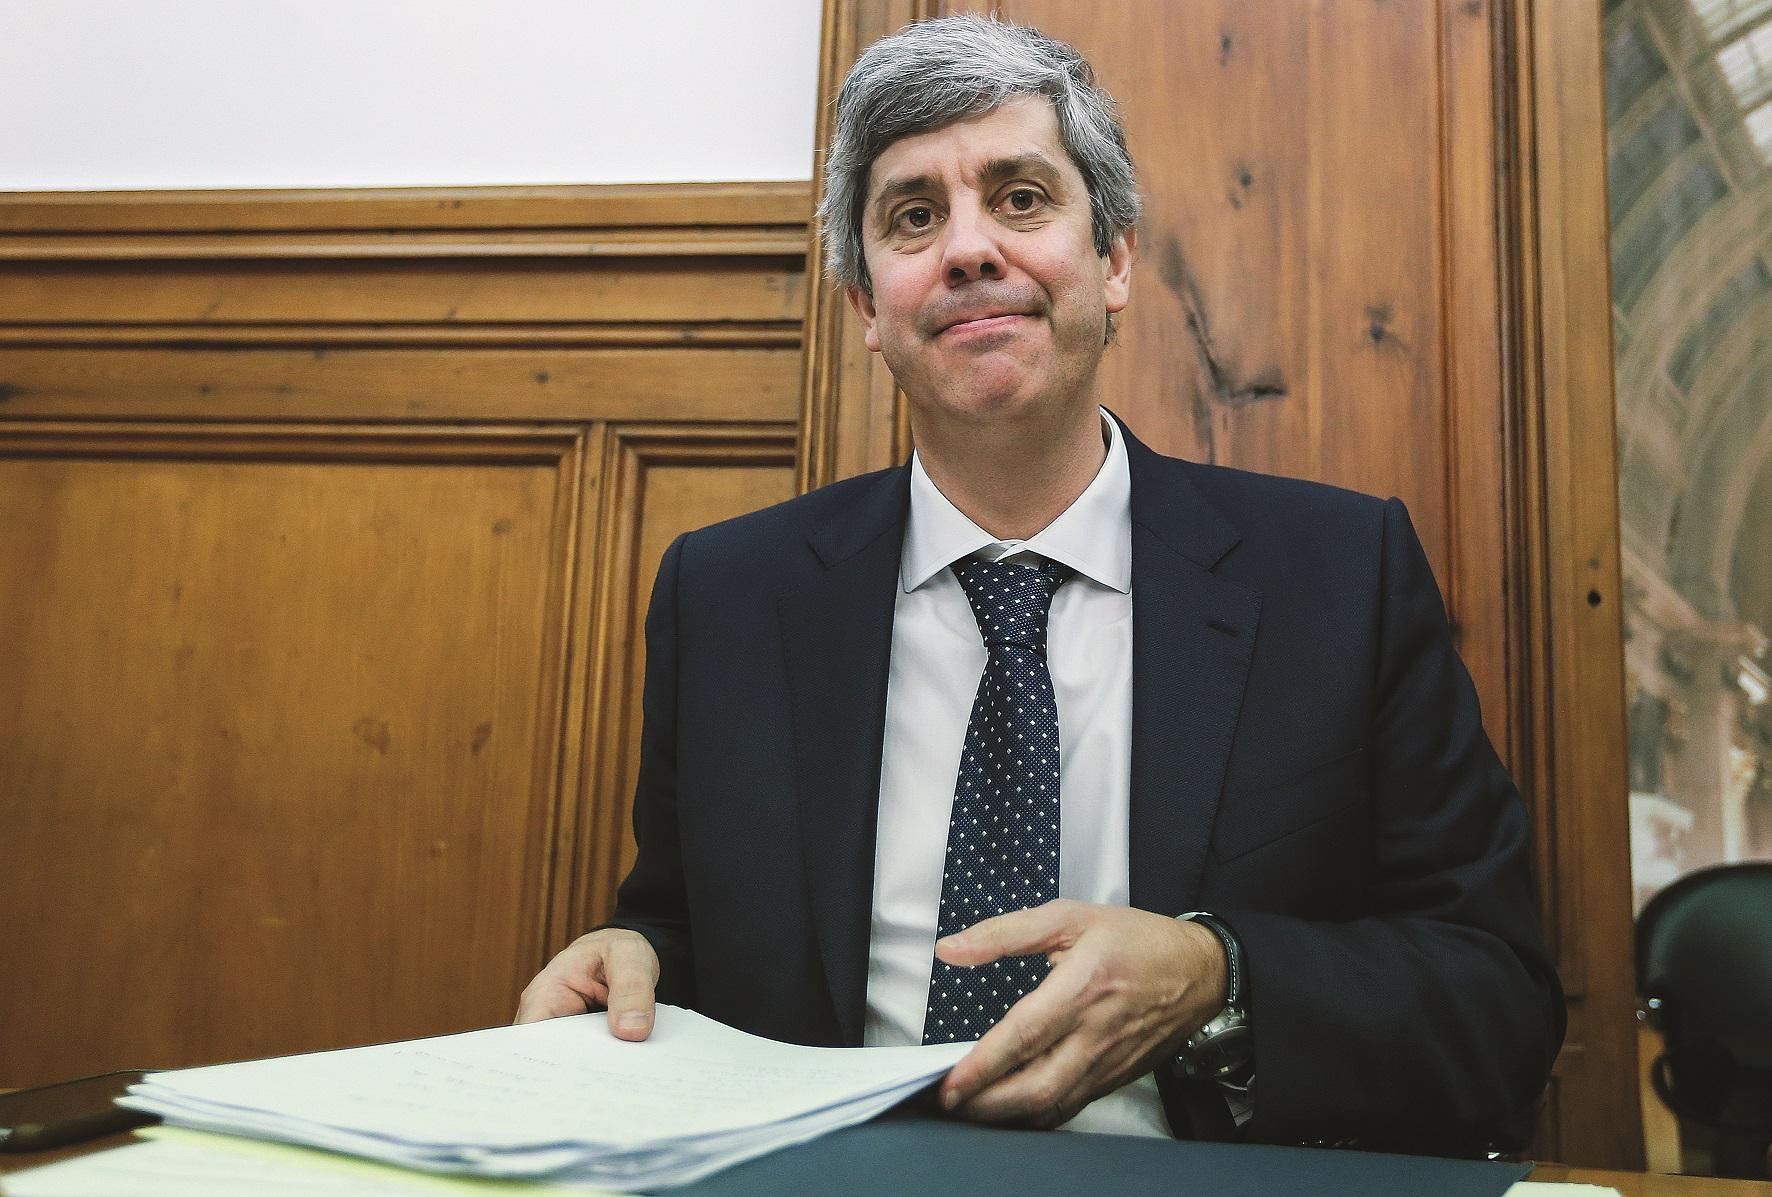 Serviços públicos podem ganhar 50% do valor da redução da despesa